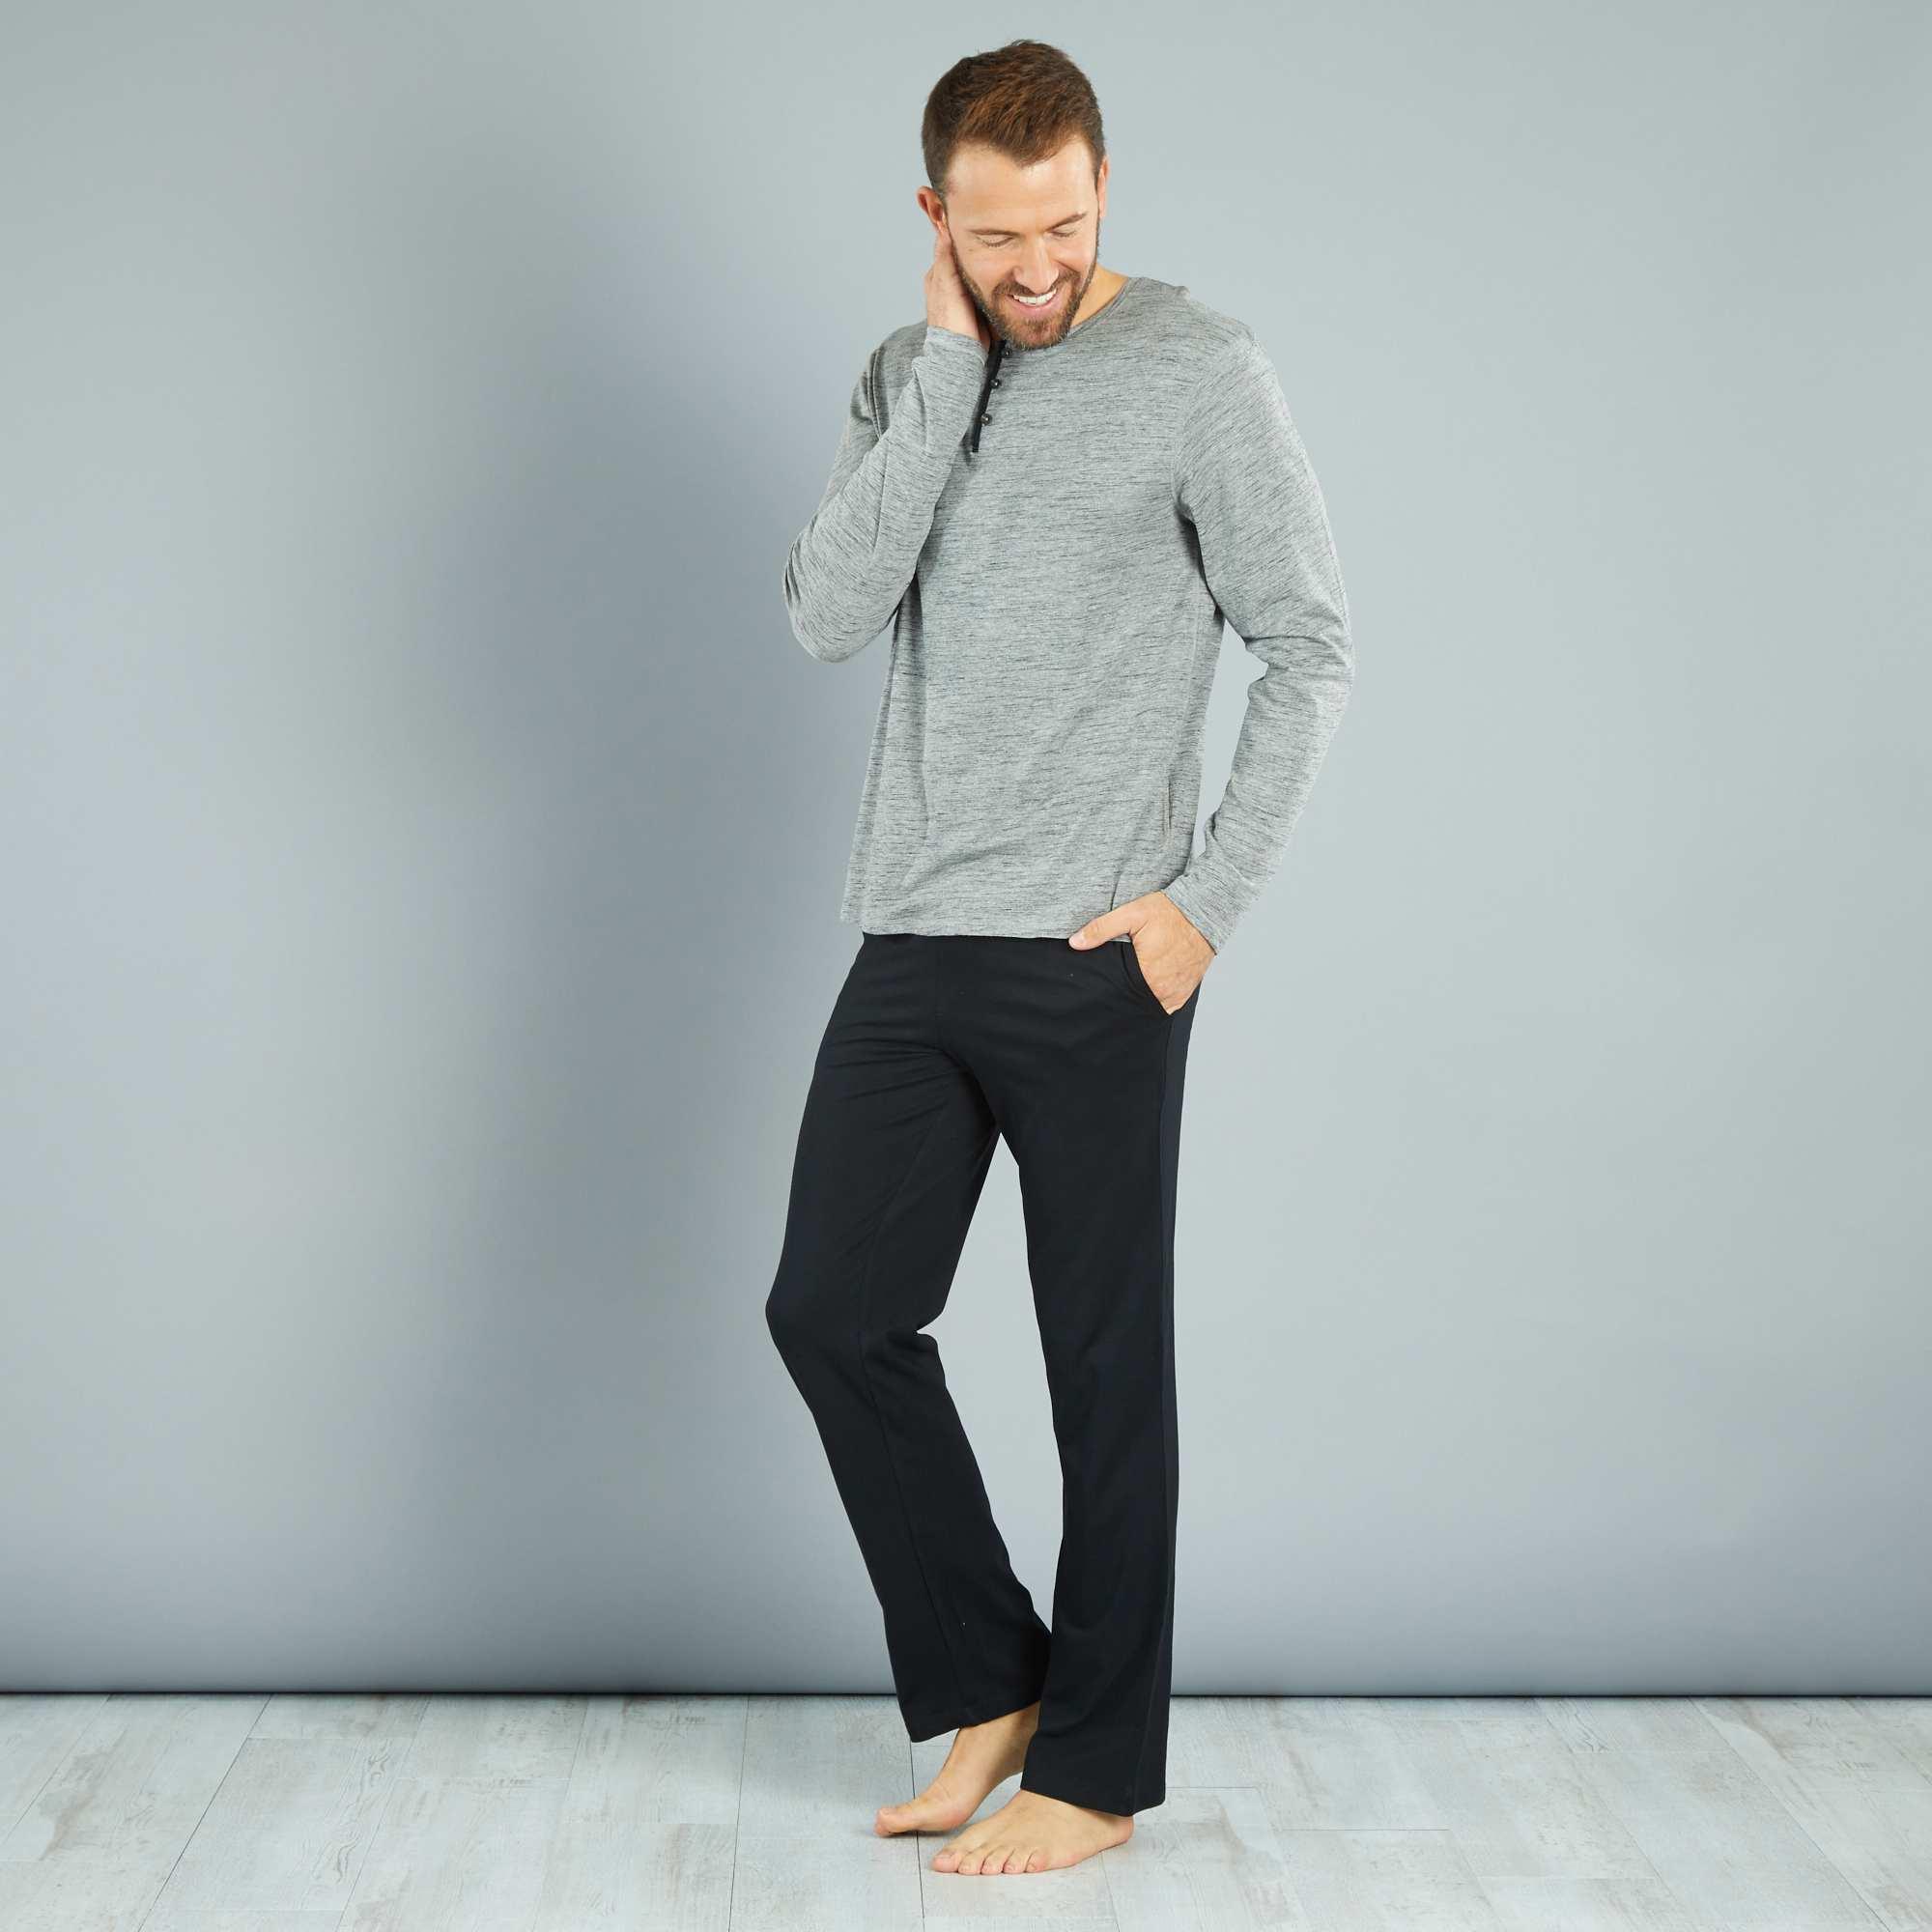 Couleur : gris chiné/noir, , ,, - Taille : XL, XXL, S,M,LUne valeur sûre pour passer des nuits confortables. - Ensemble pyjama long -